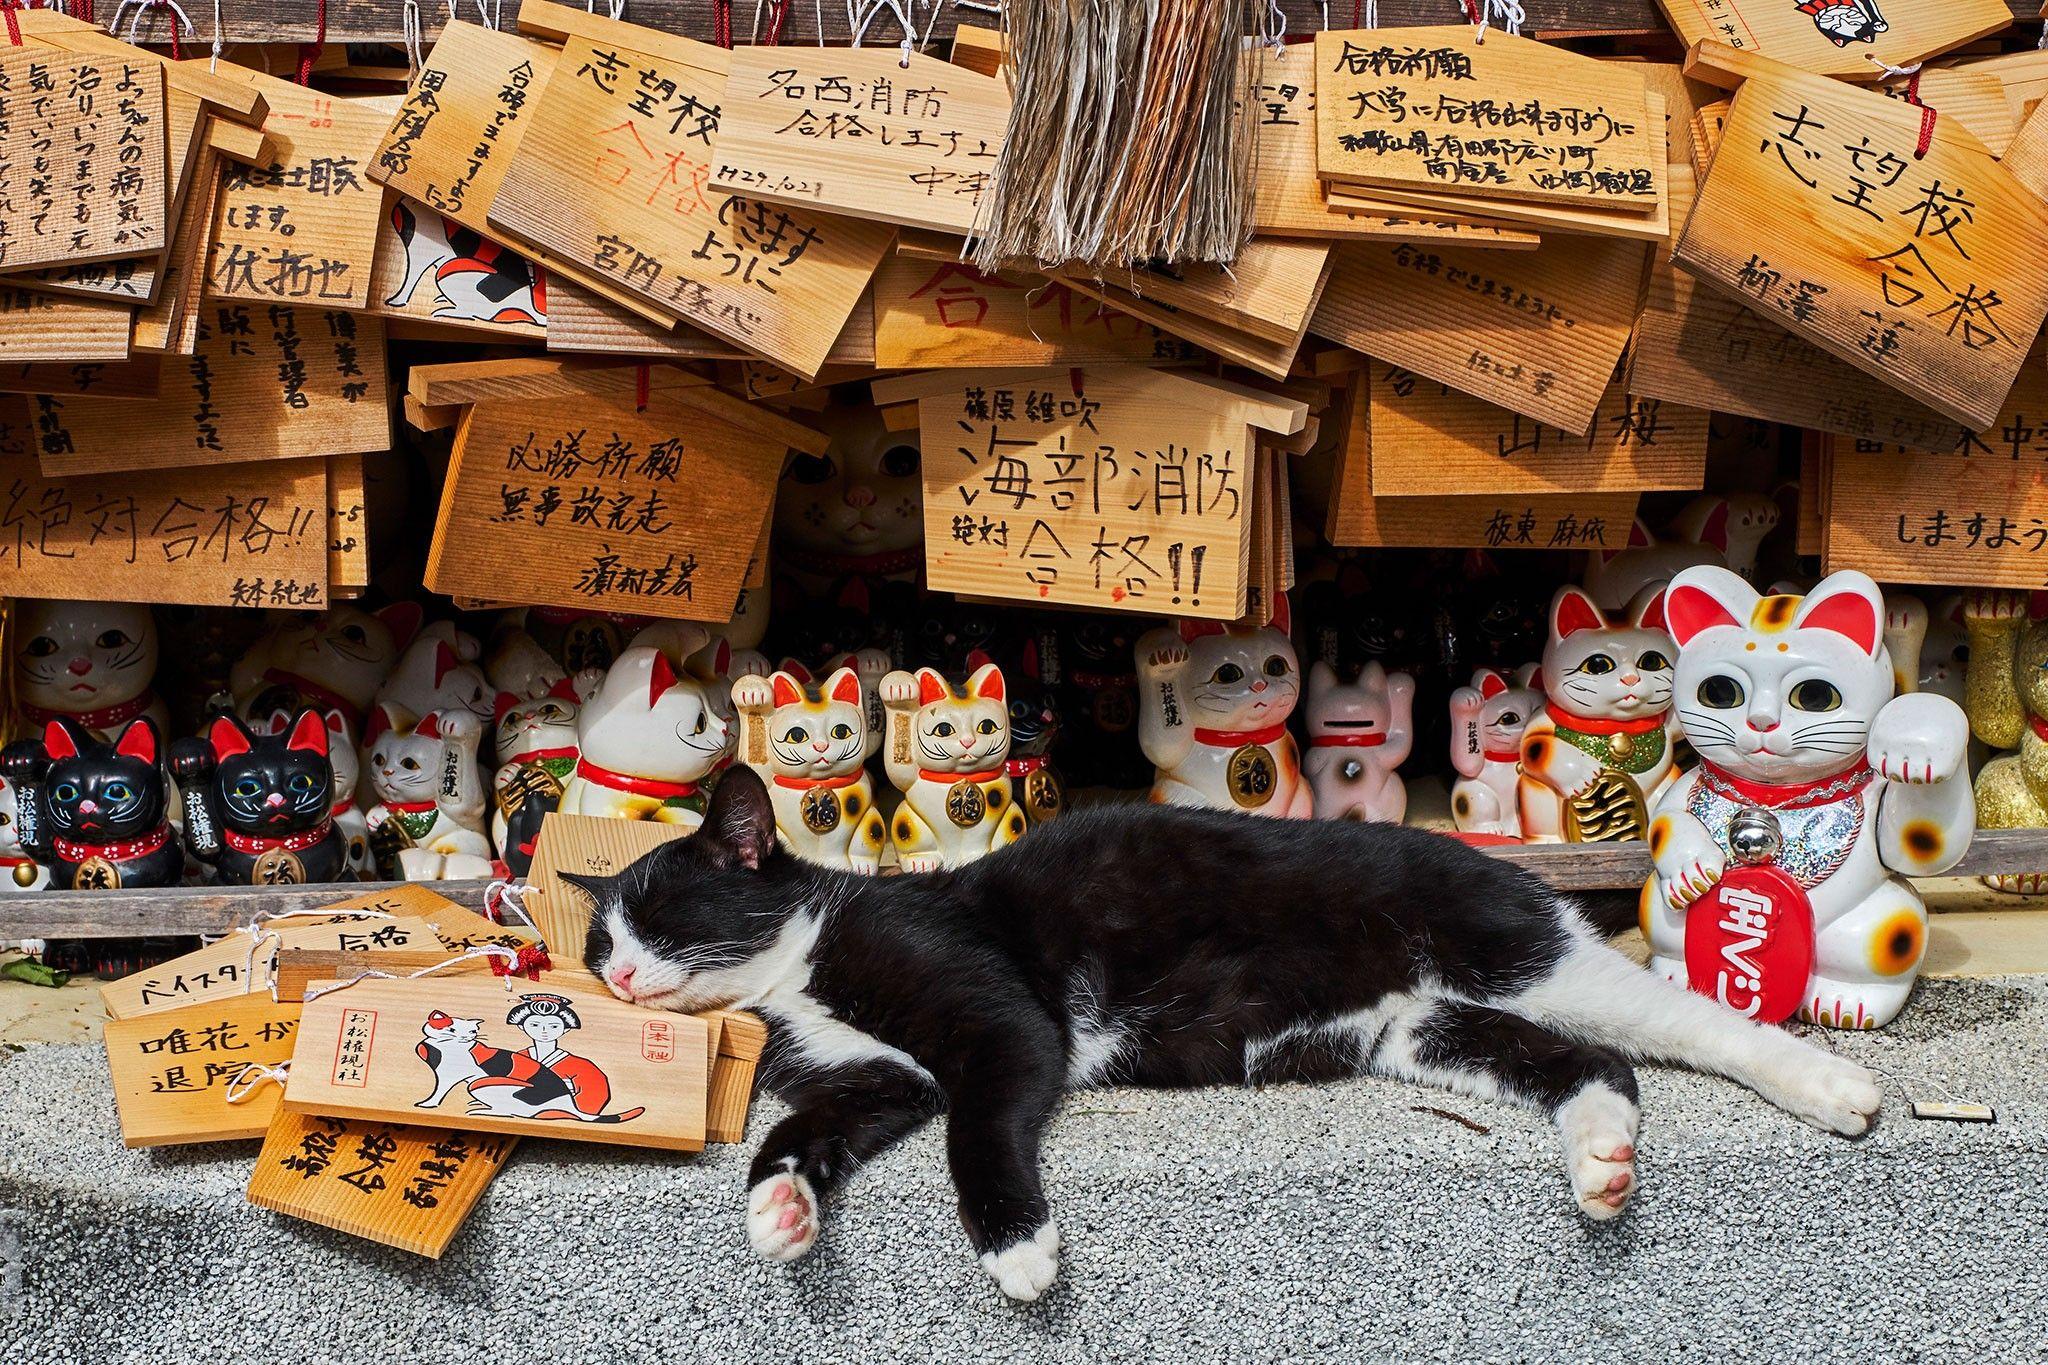 Auf Samtpfoten durch die Welt: Das Leben der Straßenkatzen | National Geographic